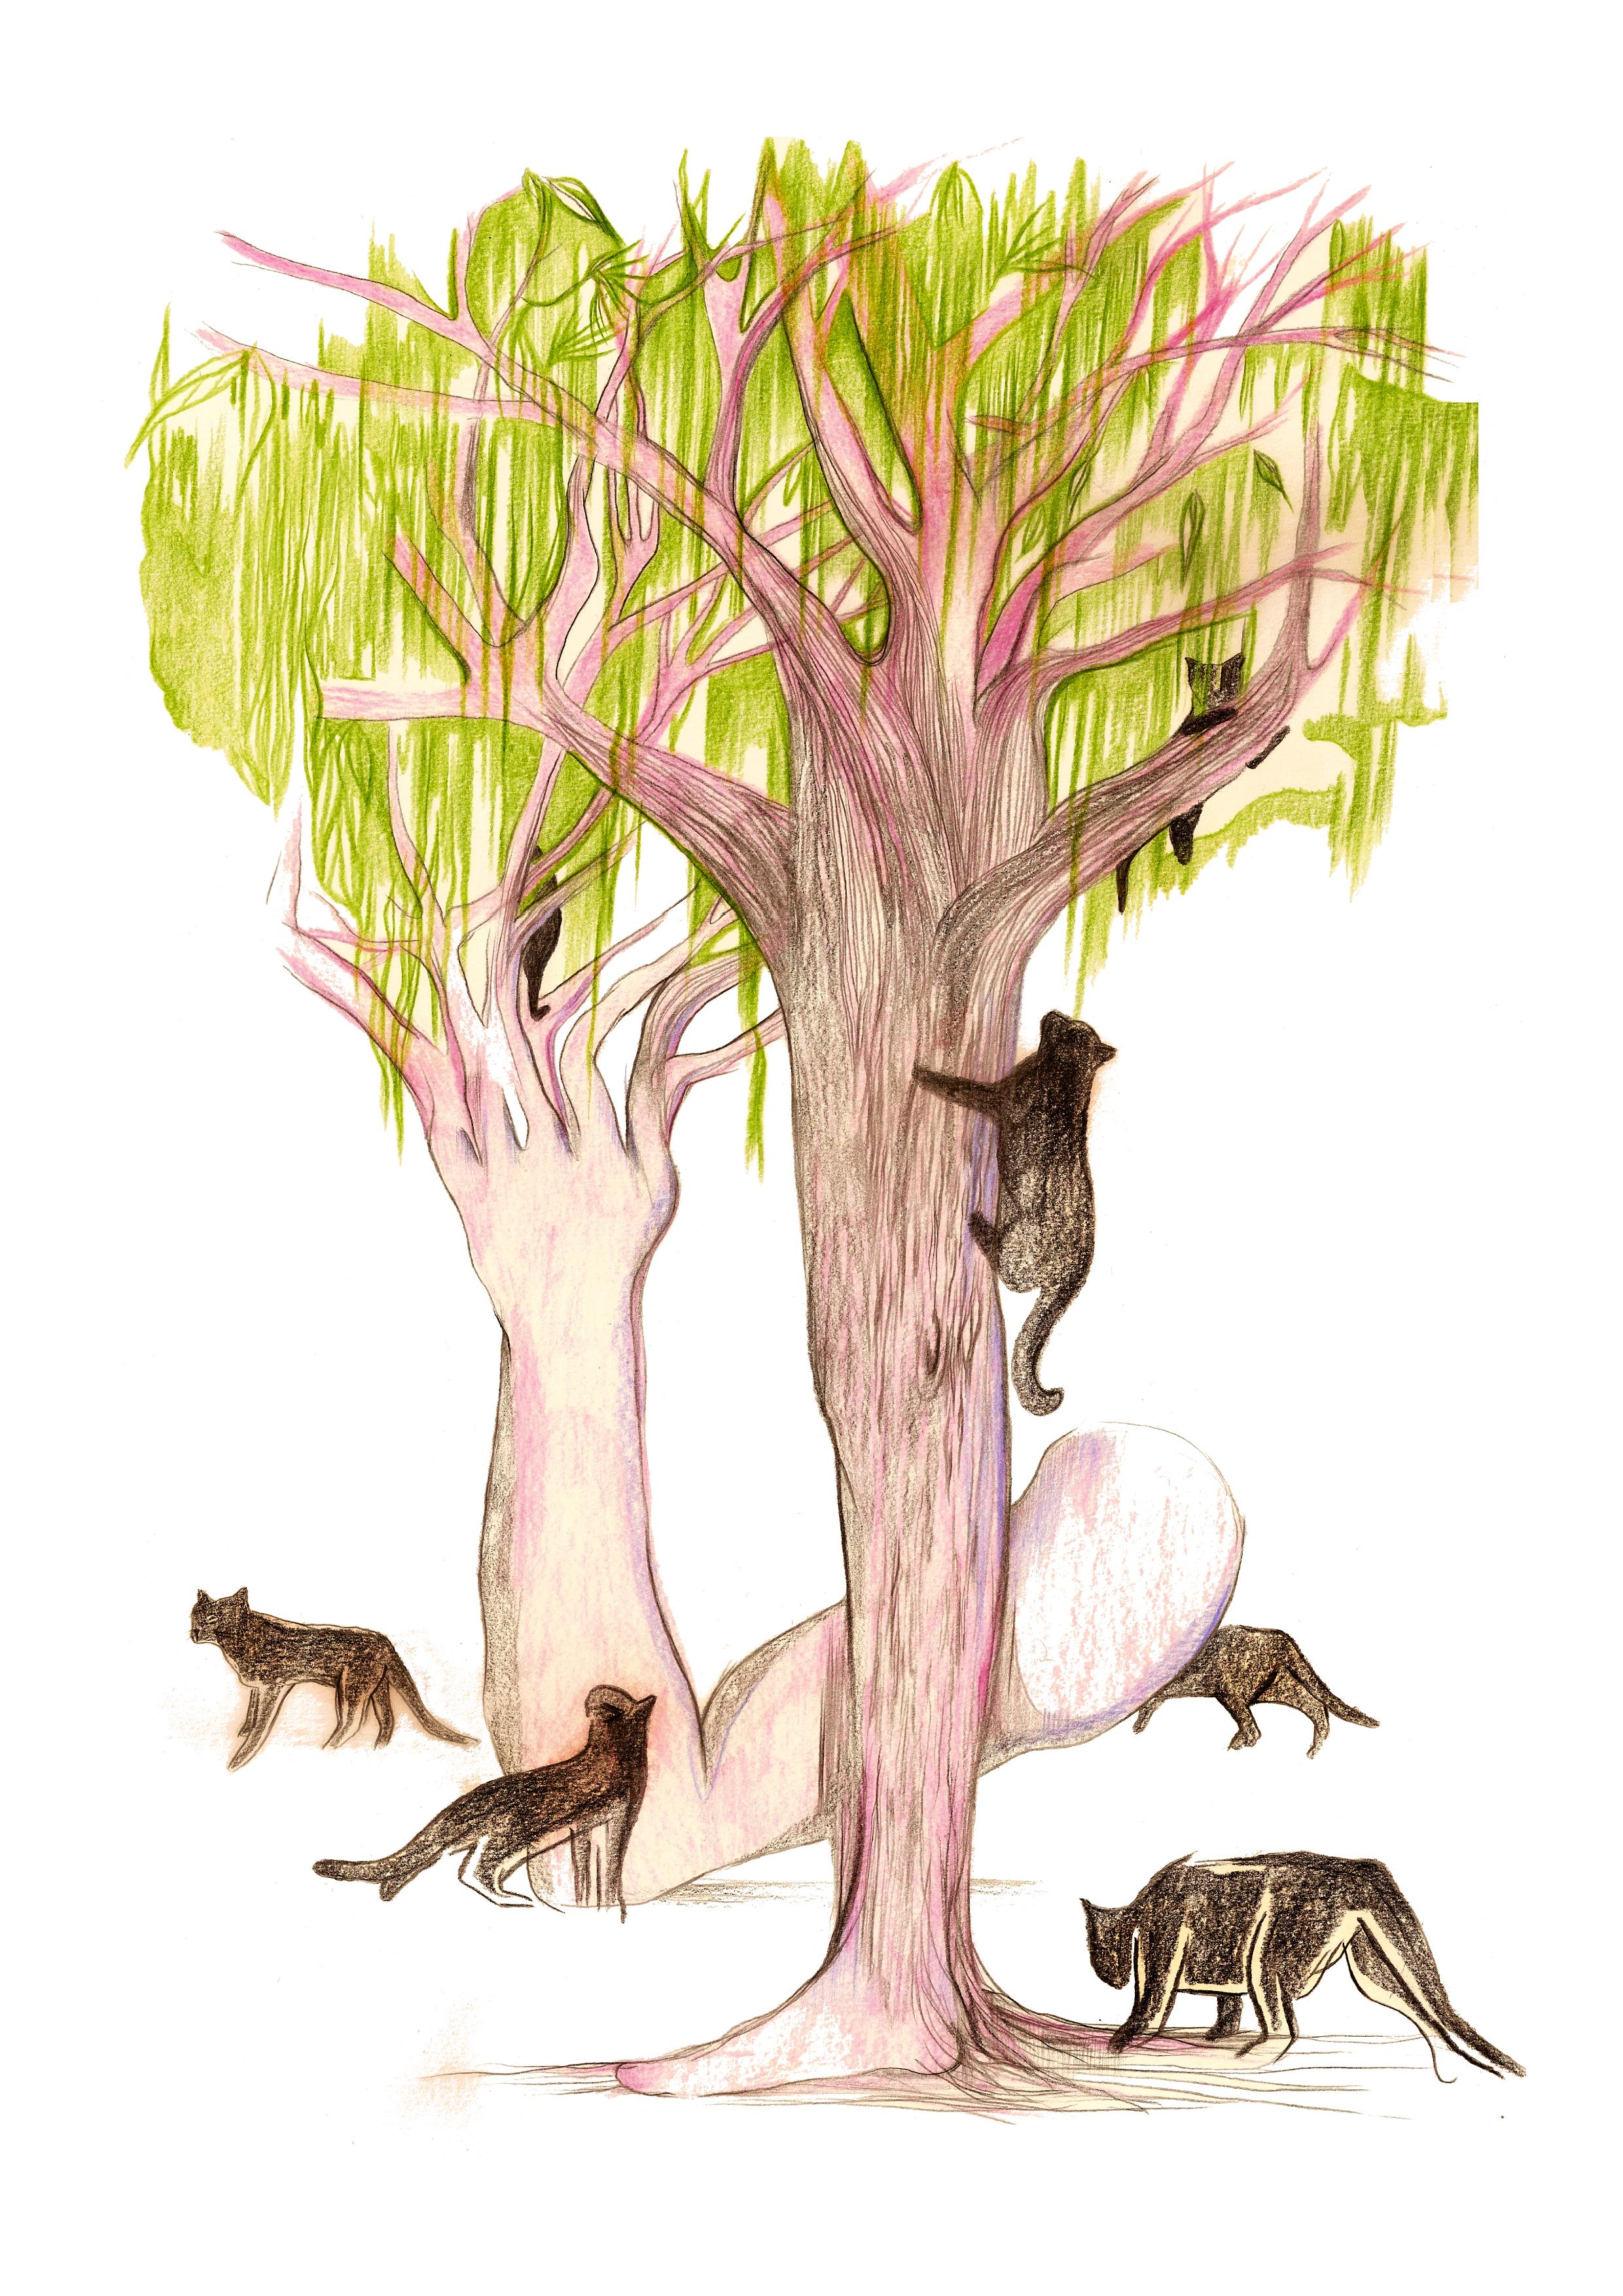 L'arbre à chat | GALERIE TREIZE DIX / L'ARBRE À CHATS | NOÉMIE CHUST